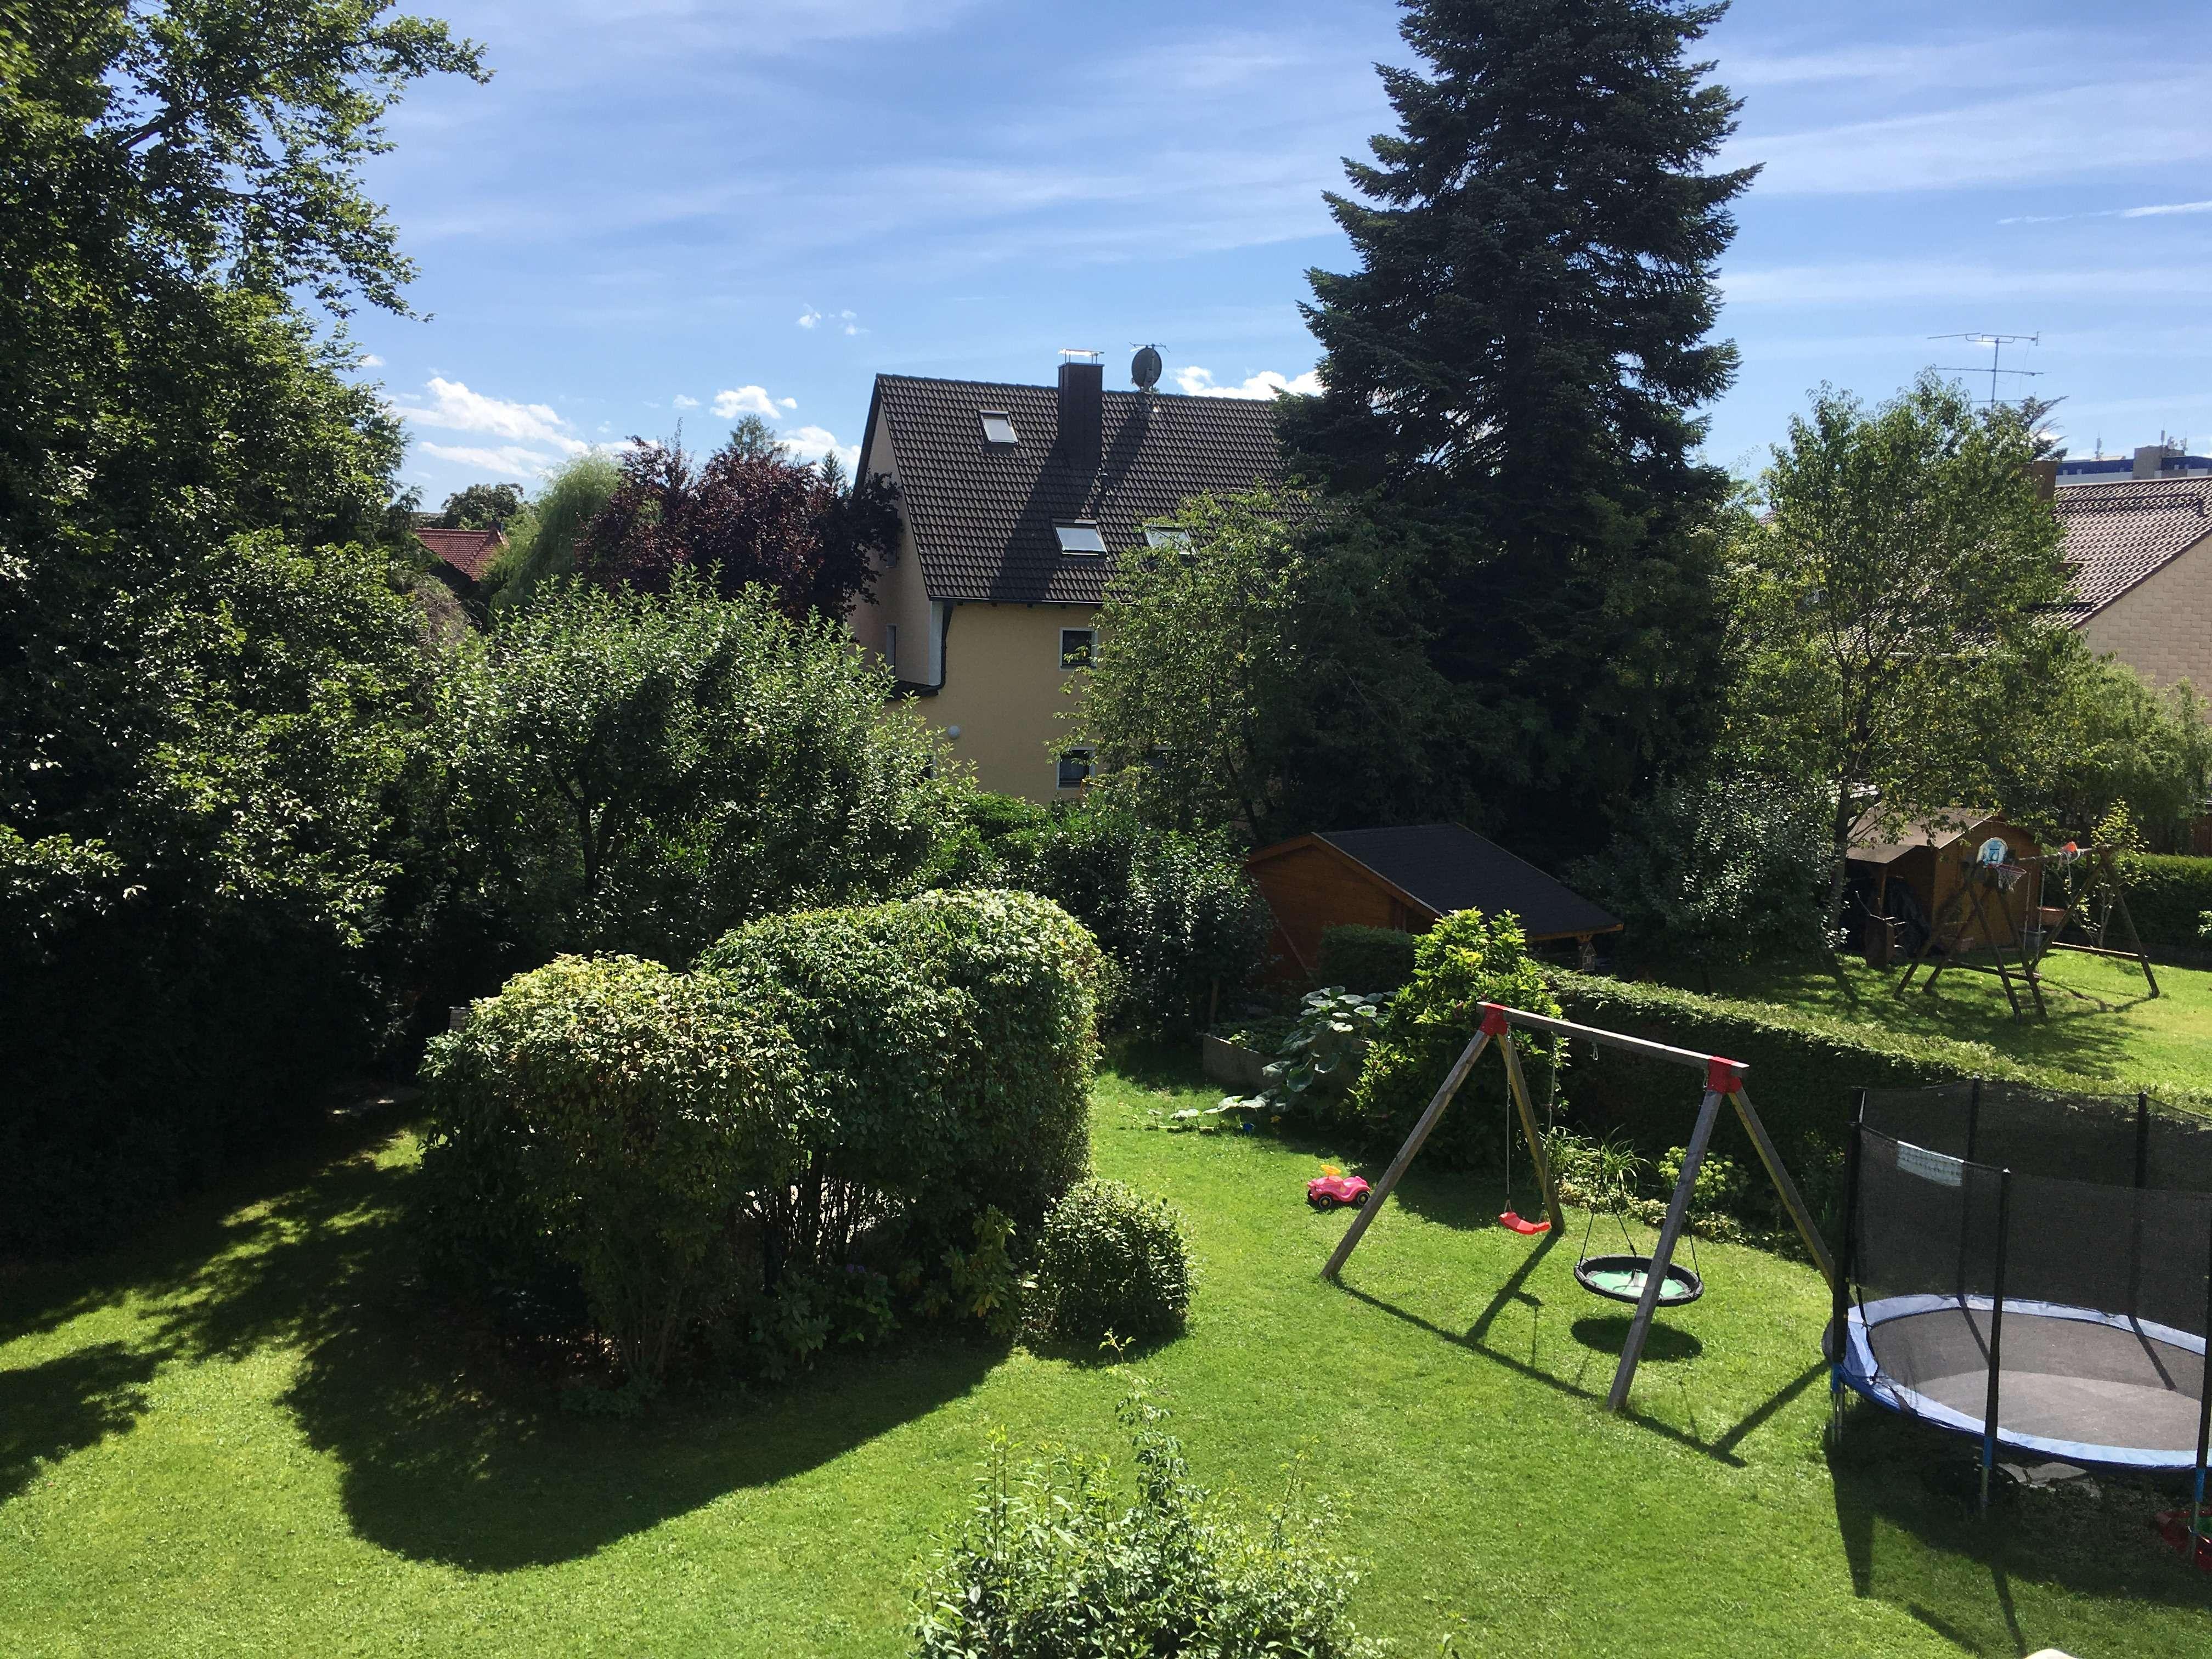 Möblierte 3,5 Zi-Wohnung mit großem Balkon in Großhadern (U6) KEINE WG! in Hadern (München)